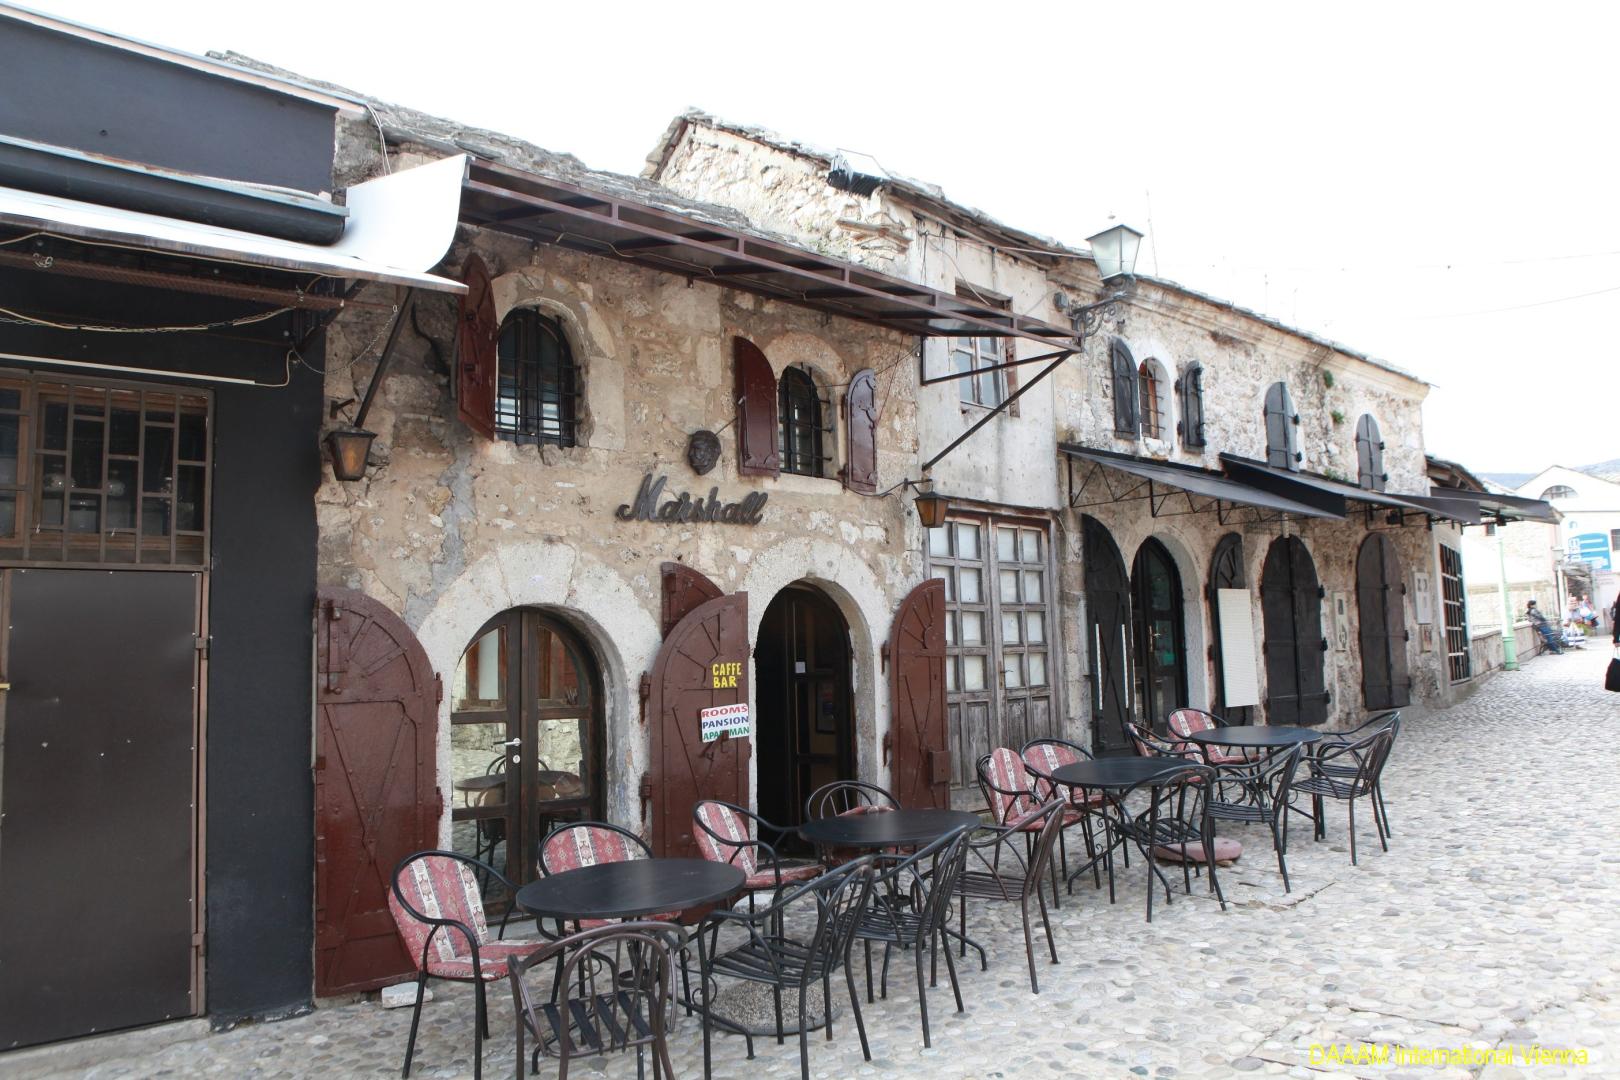 DAAAM_2016_Mostar_01_Magic_City_of_Mostar_047